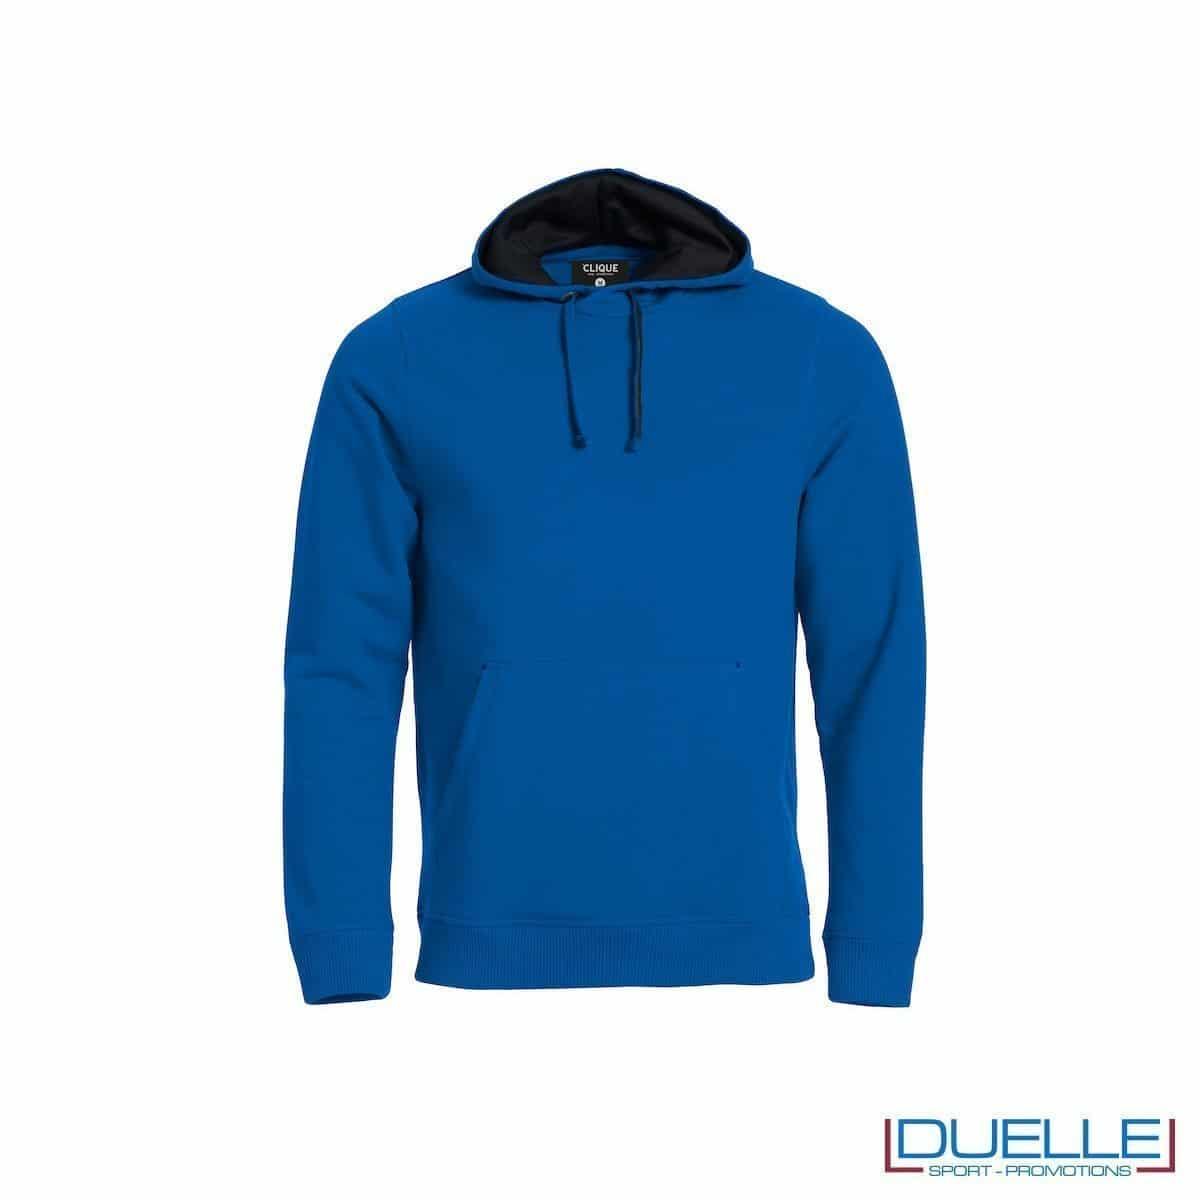 Felpa con cappuccio foderato e marsupio personalizzata colore blu royal